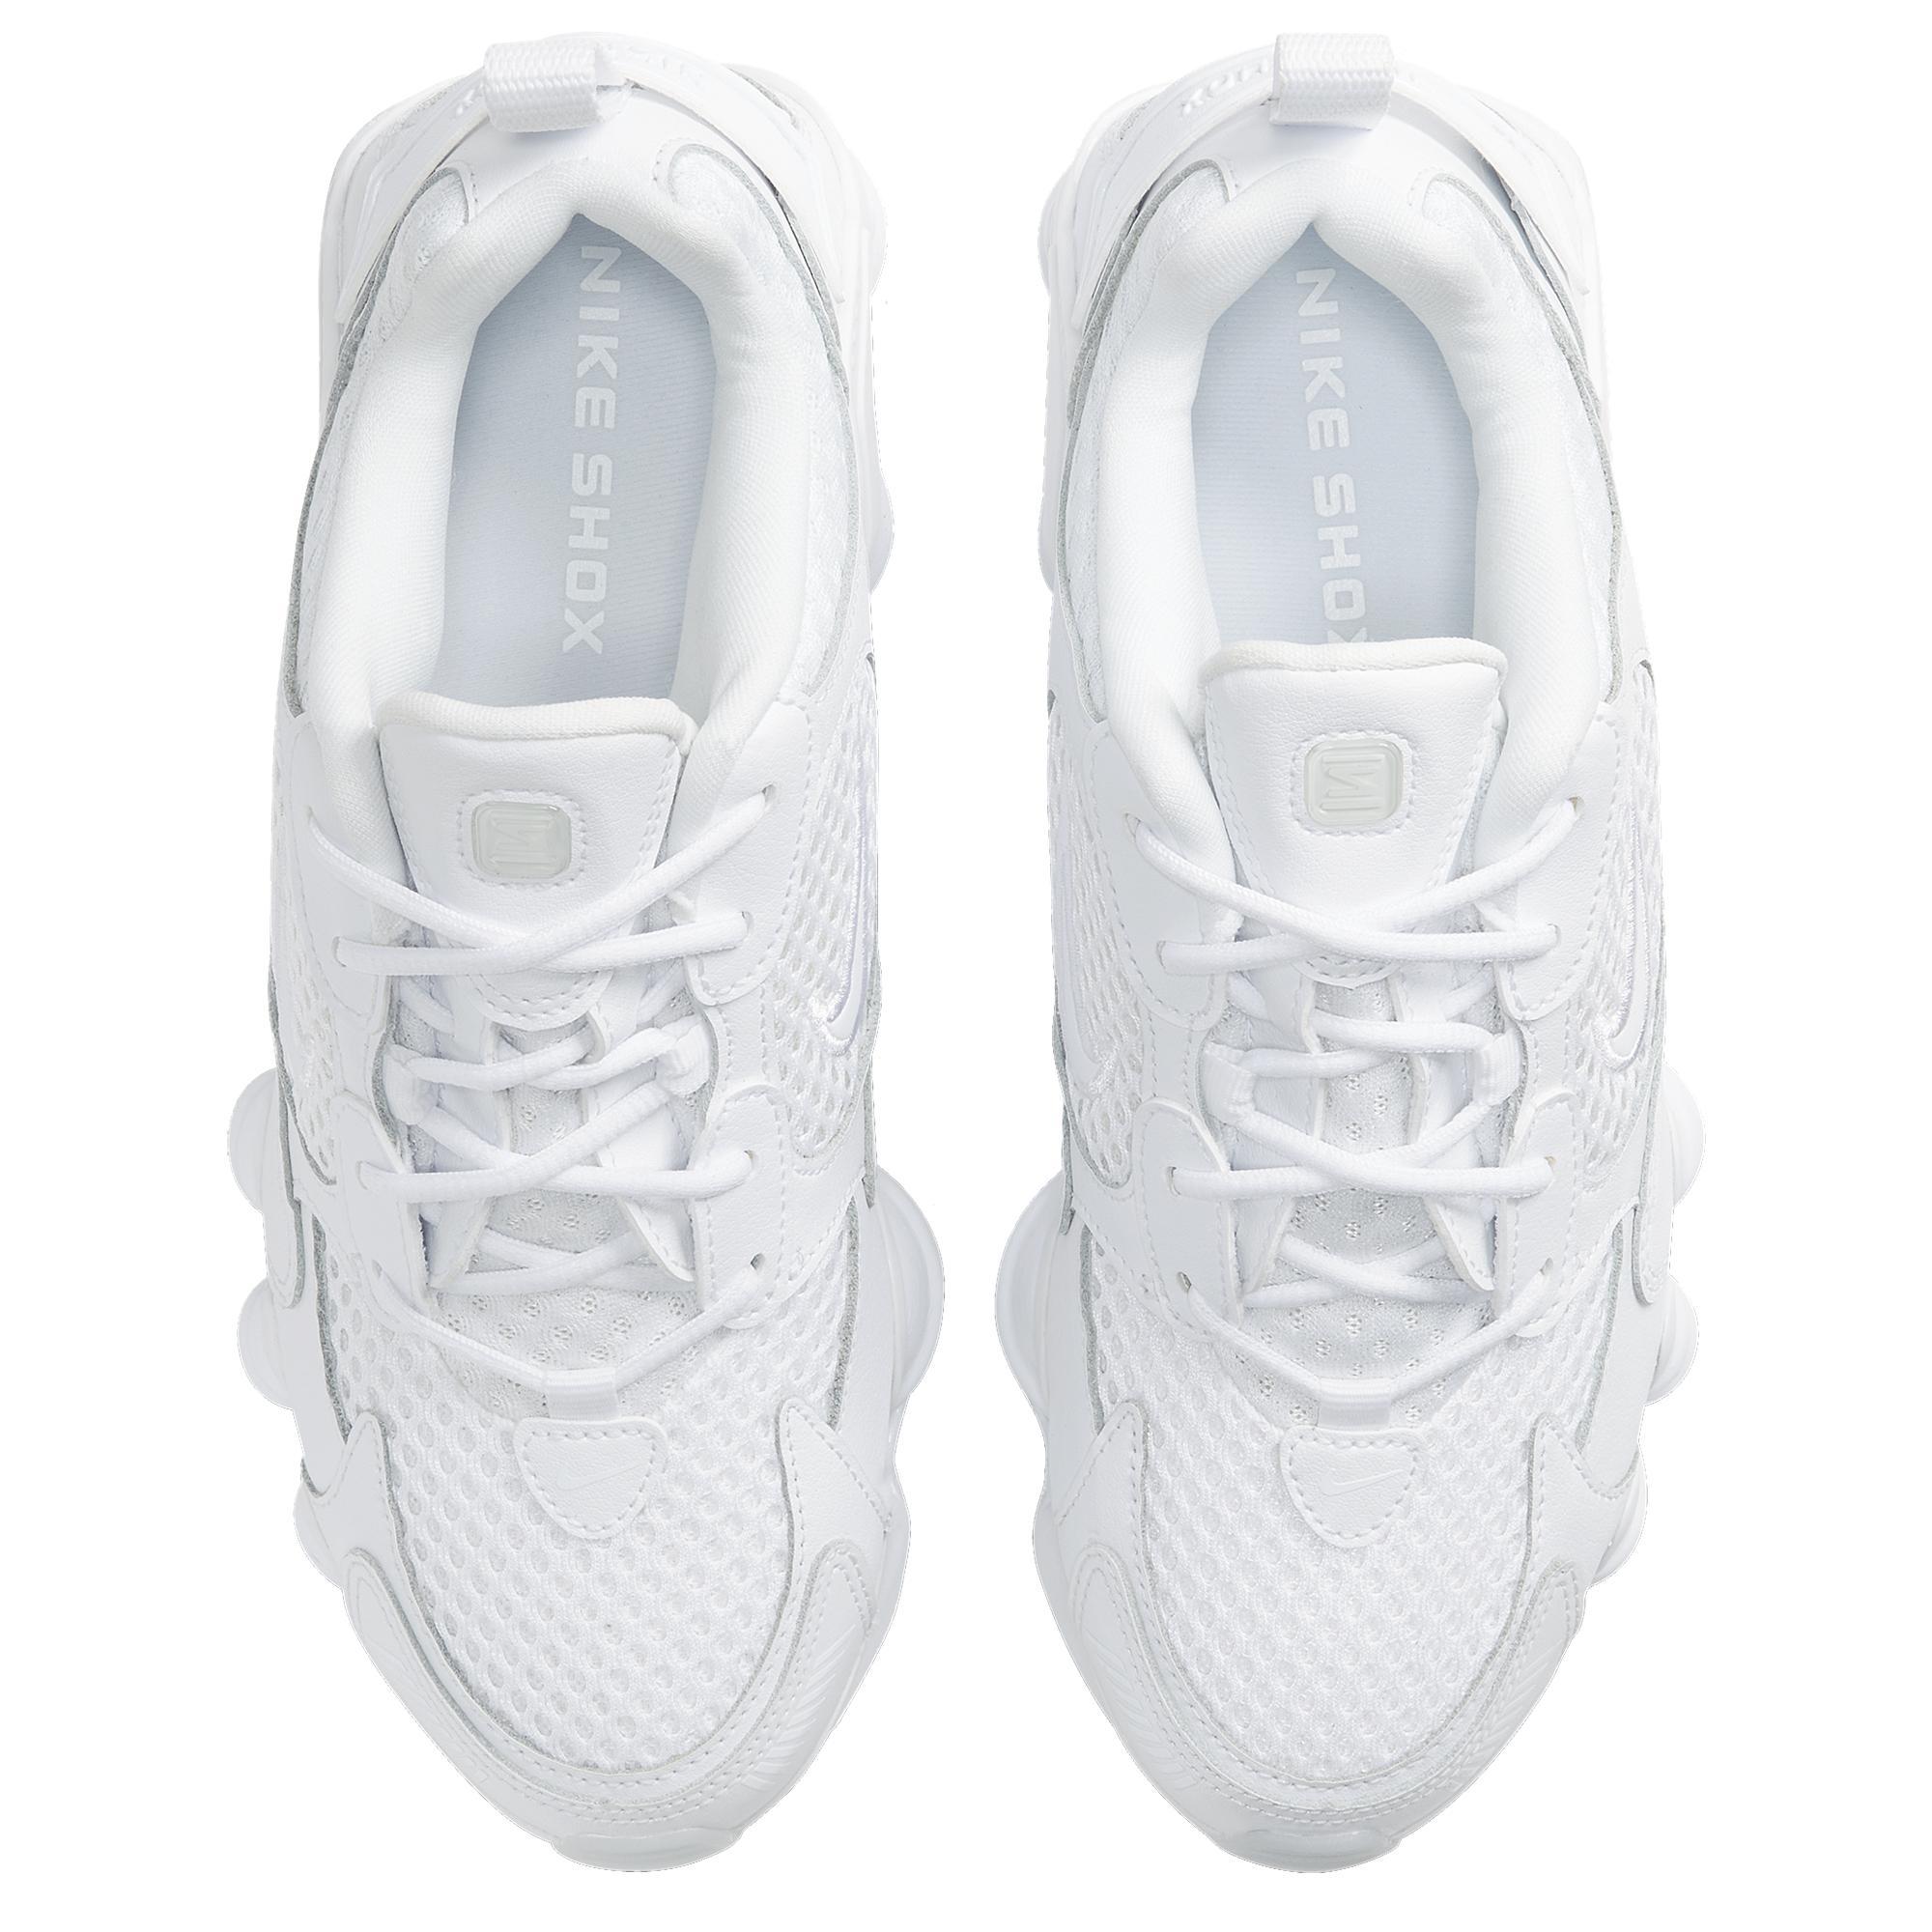 Shox Nova 2 - Shoes